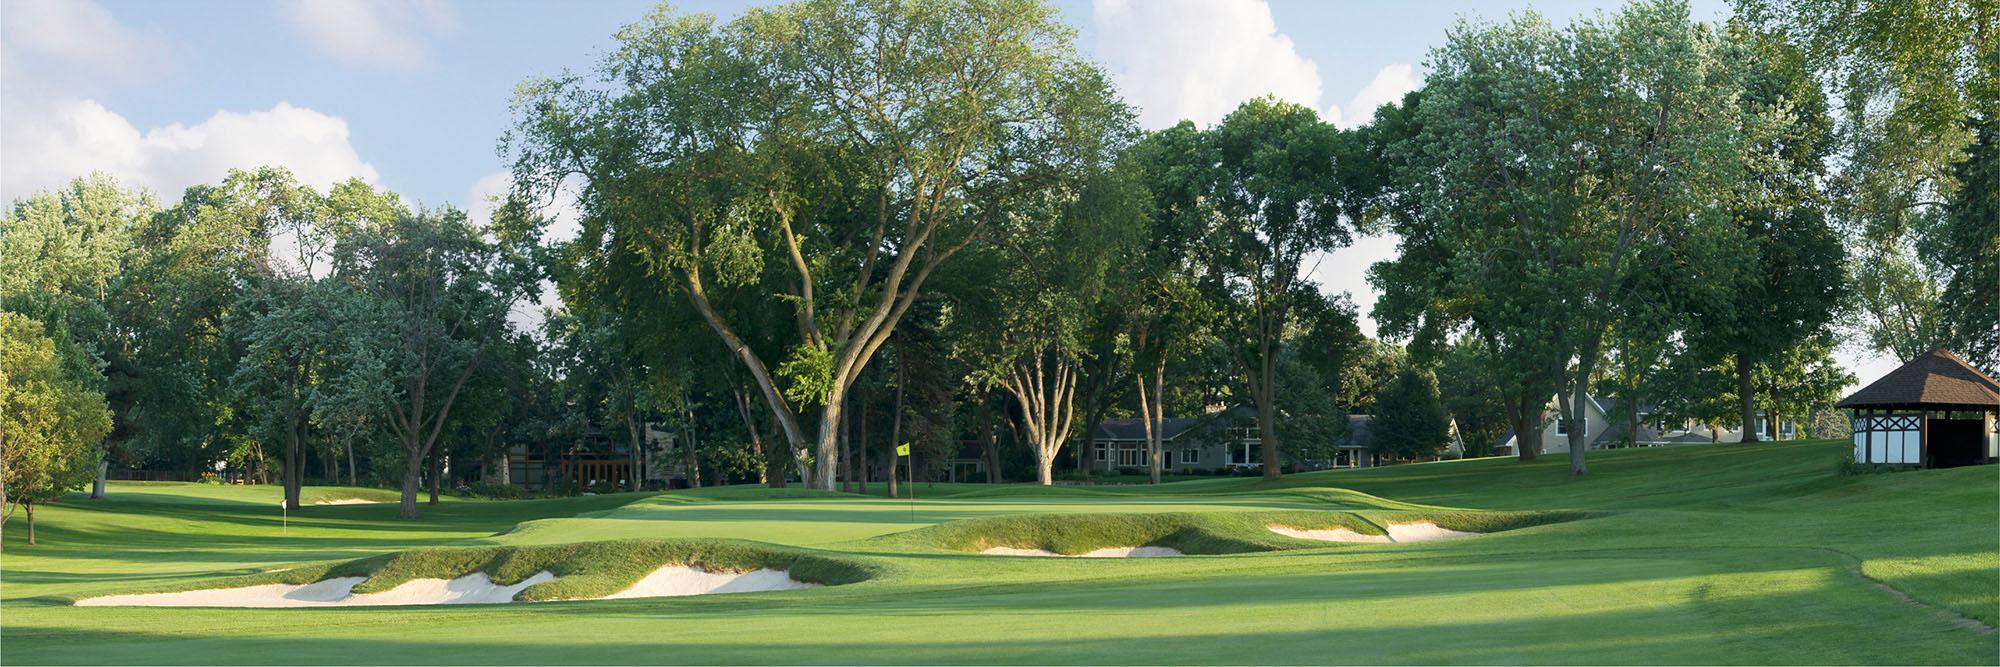 Golf Course Image - Interlachen No. 16